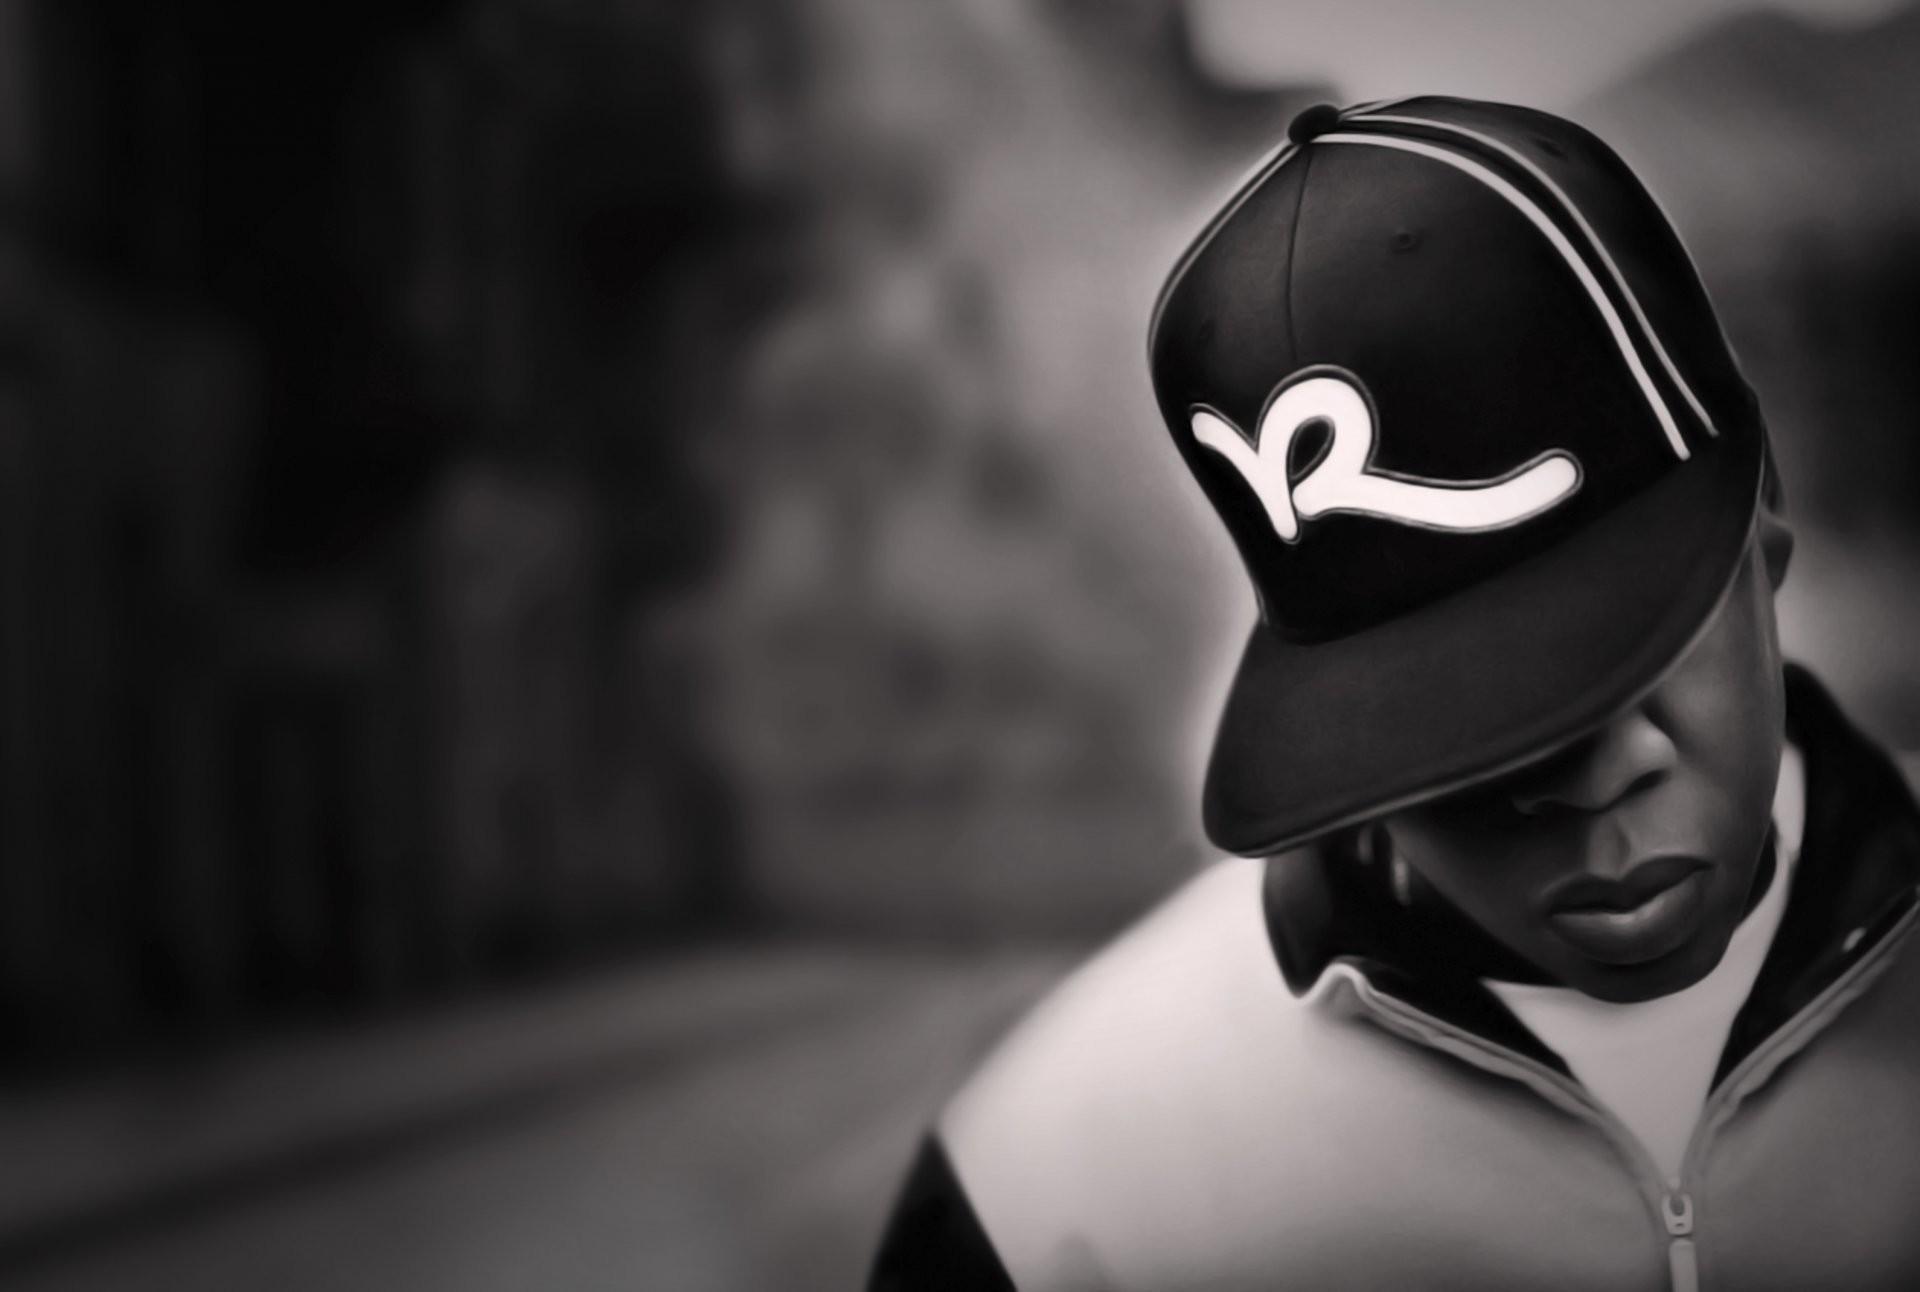 jay-z rocawear ghetto street new-york brooklyn rapper hip-hop hov jay